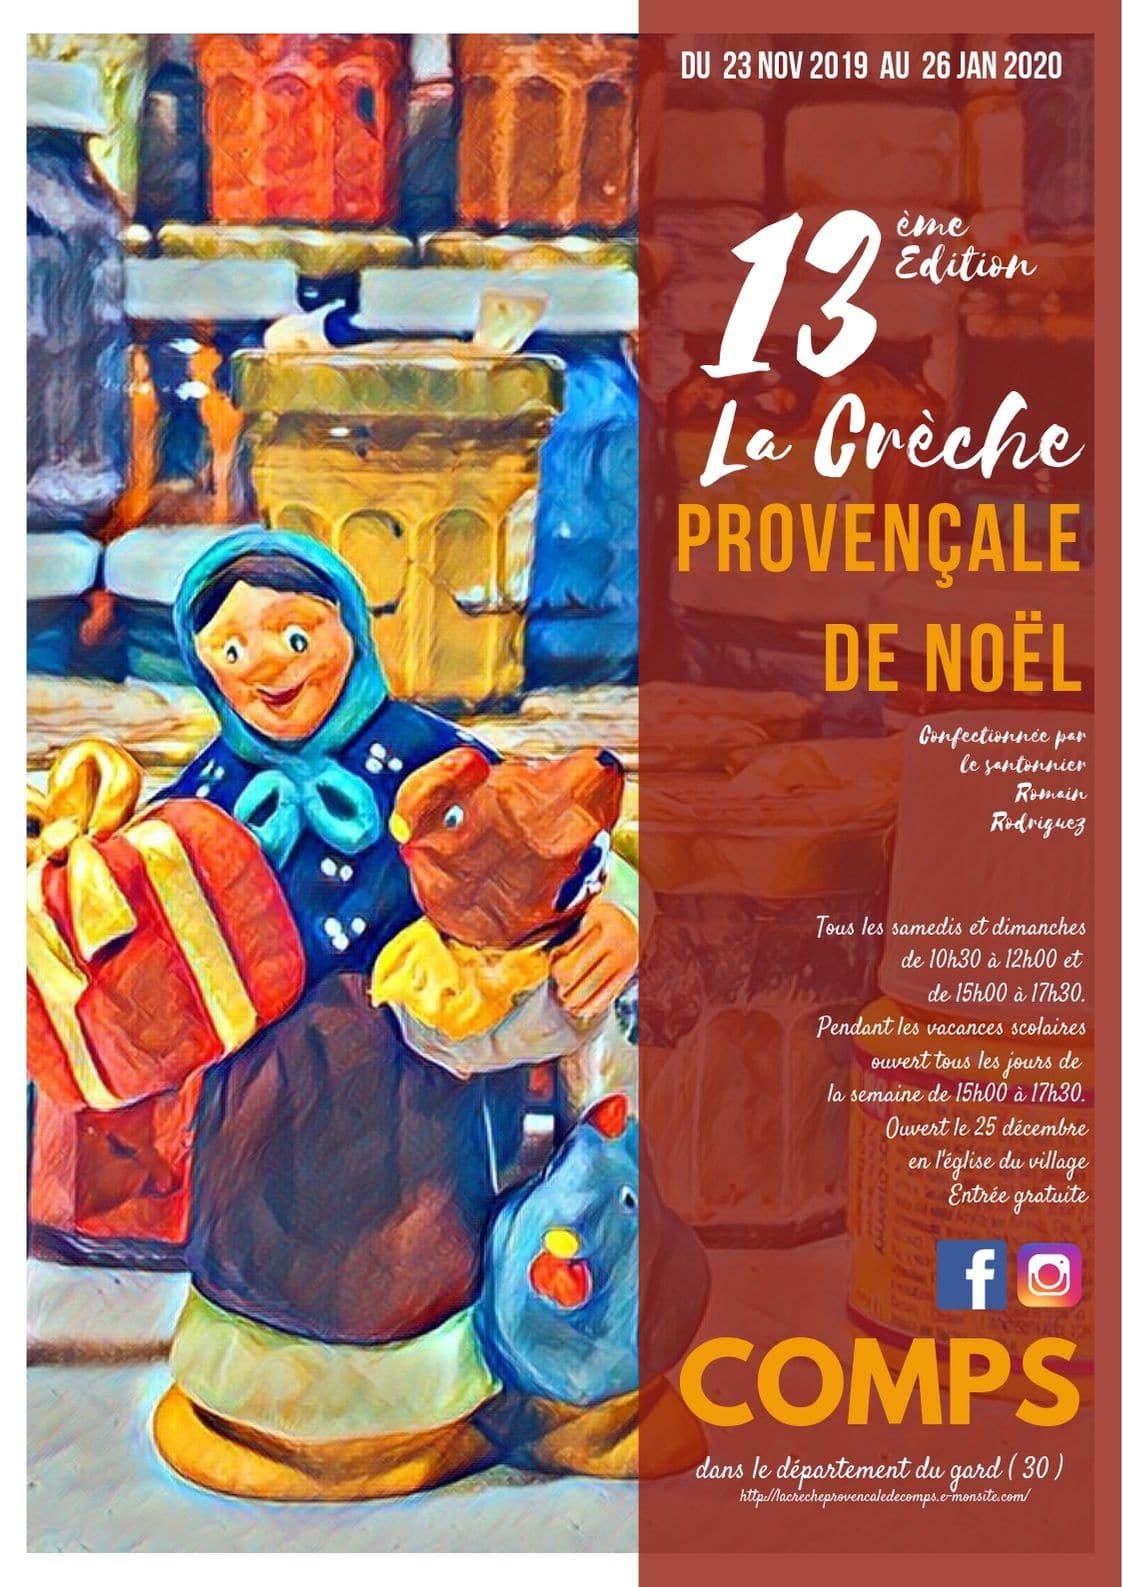 13ème édition de la crèche provençale